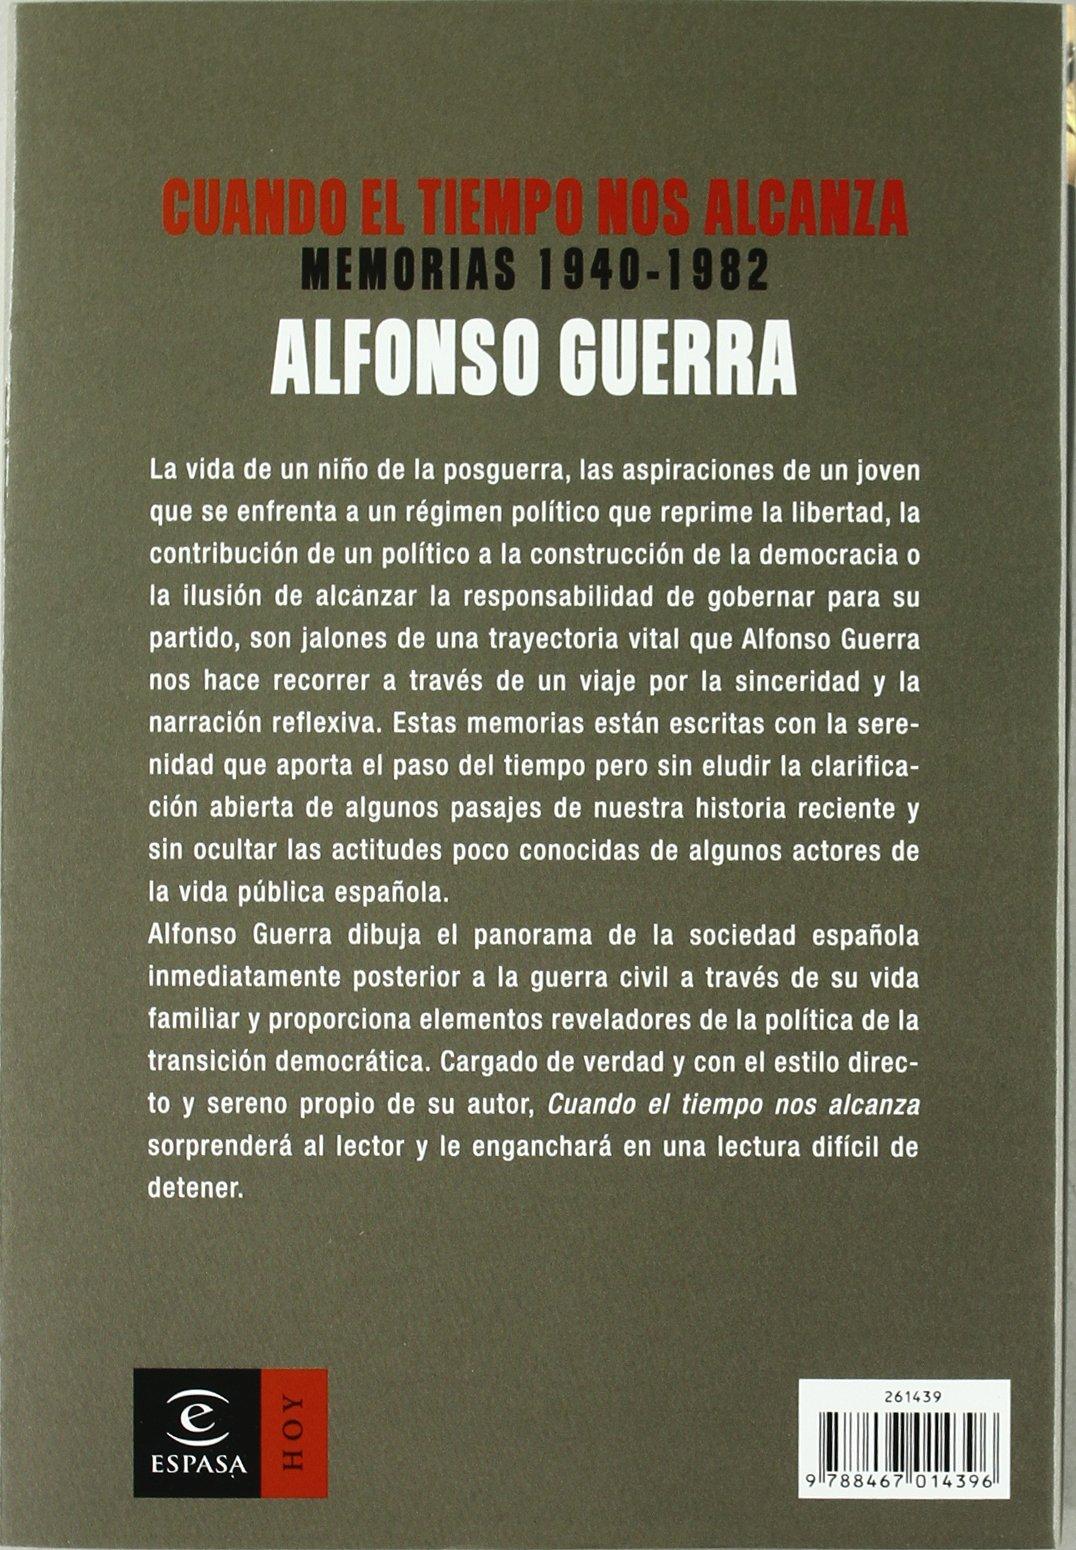 Cuando el tiempo nos alcanza (ESPASA HOY): Amazon.es: Guerra, Alfonso: Libros